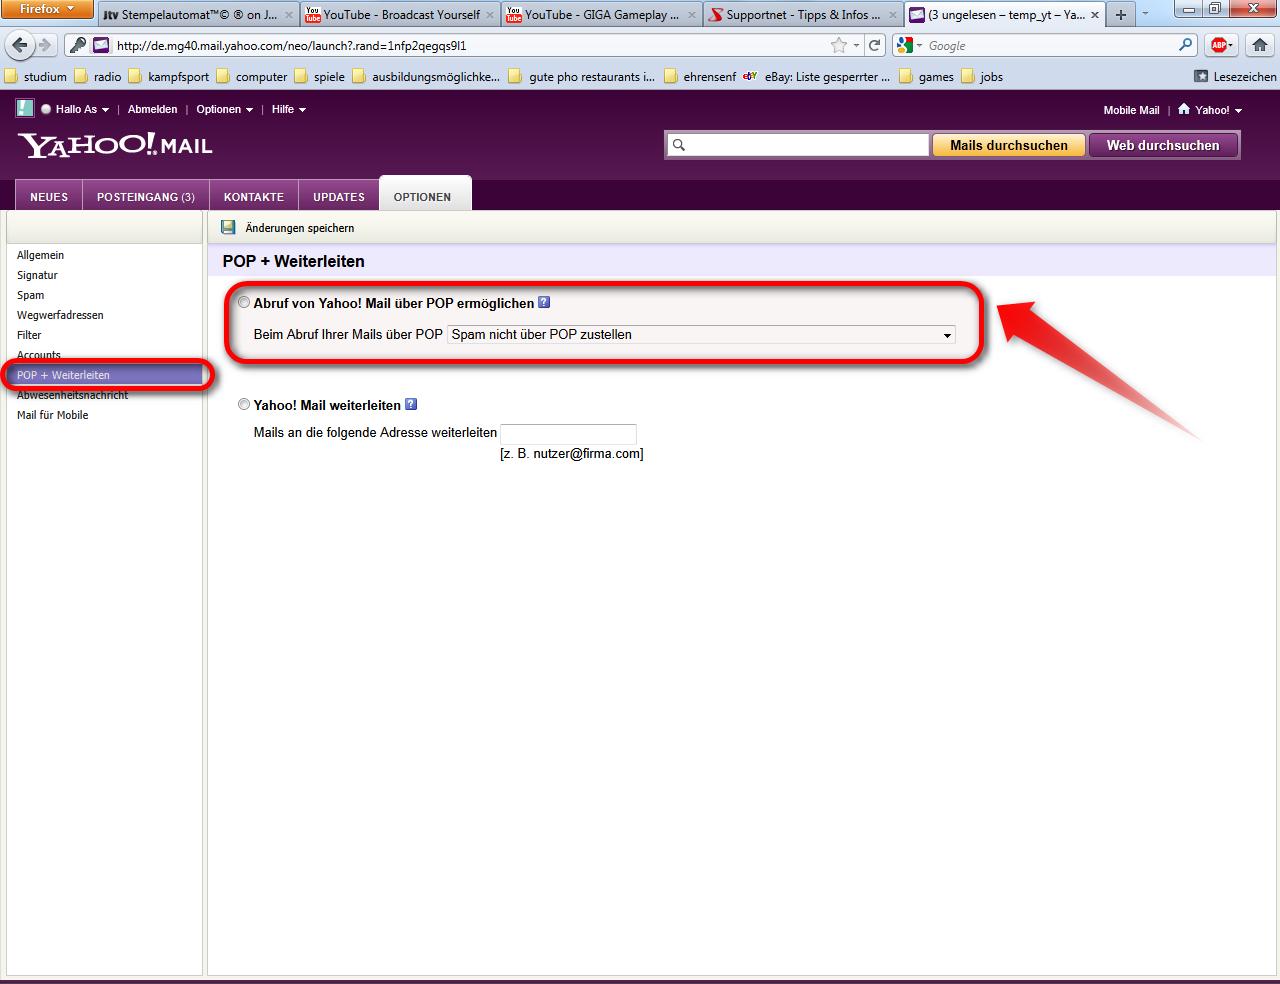 Yahoo-Mail-Konto für Thunderbird einrichten – Supportnet